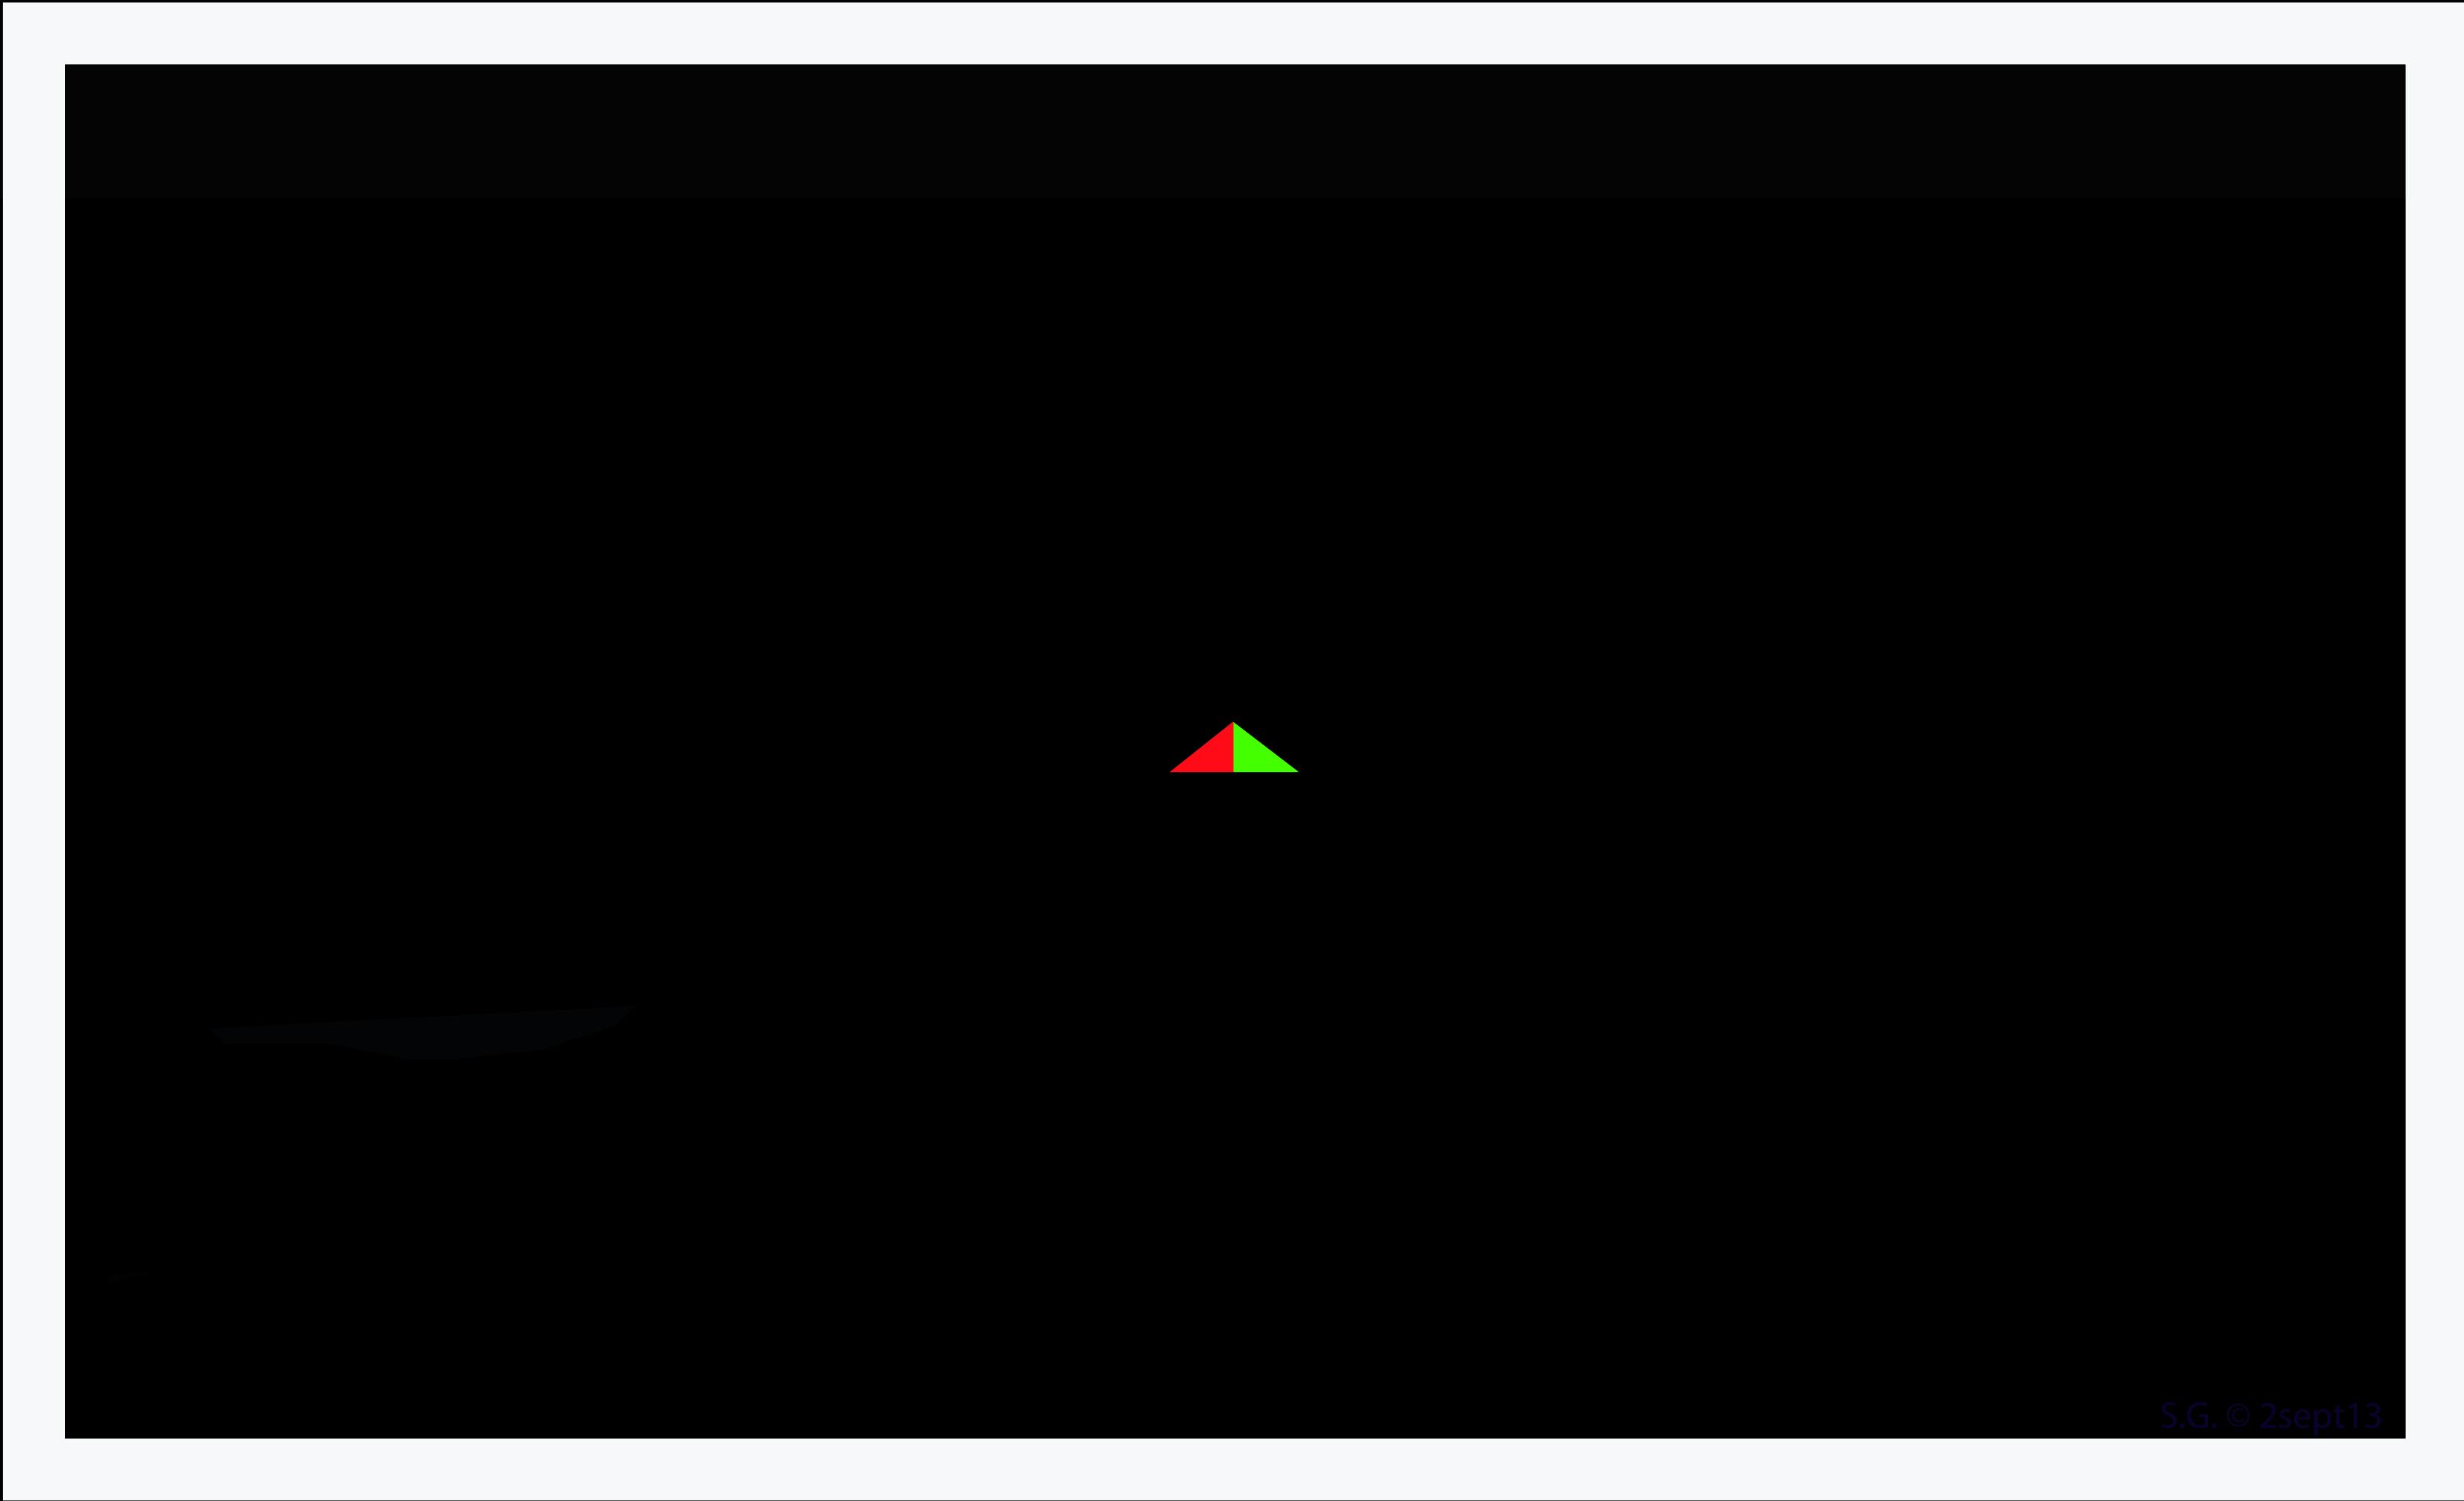 2013: le 02/09 à 22h - Ovni en Forme de triangle - onard - Landes (dép.40) Ovni00001